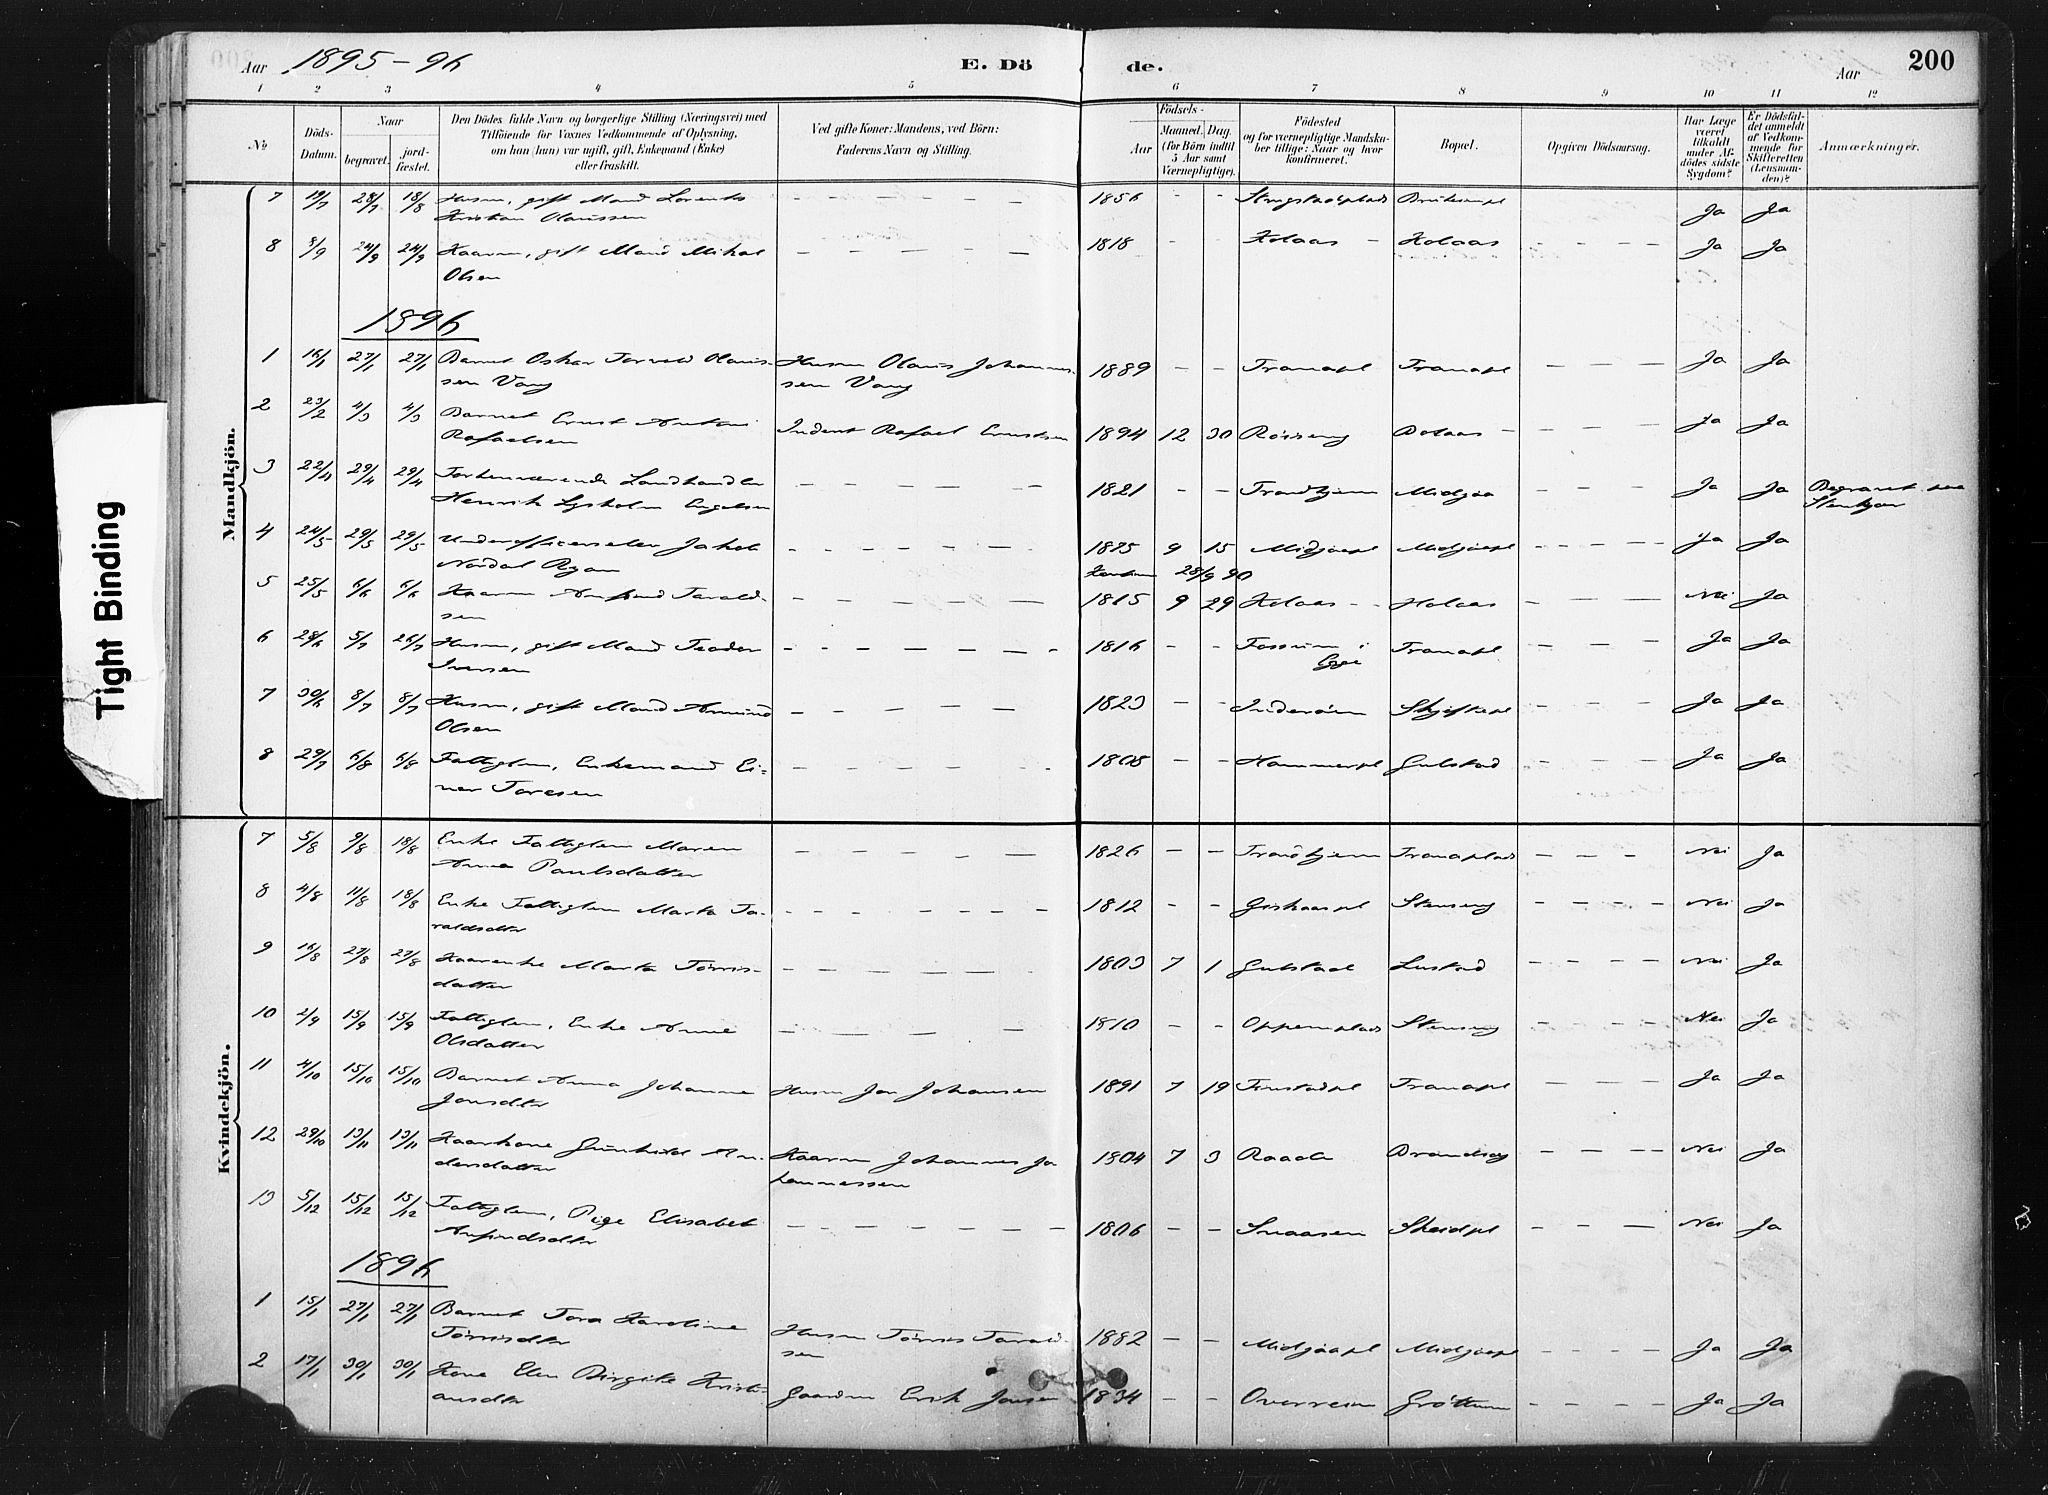 SAT, Ministerialprotokoller, klokkerbøker og fødselsregistre - Nord-Trøndelag, 736/L0361: Ministerialbok nr. 736A01, 1884-1906, s. 200